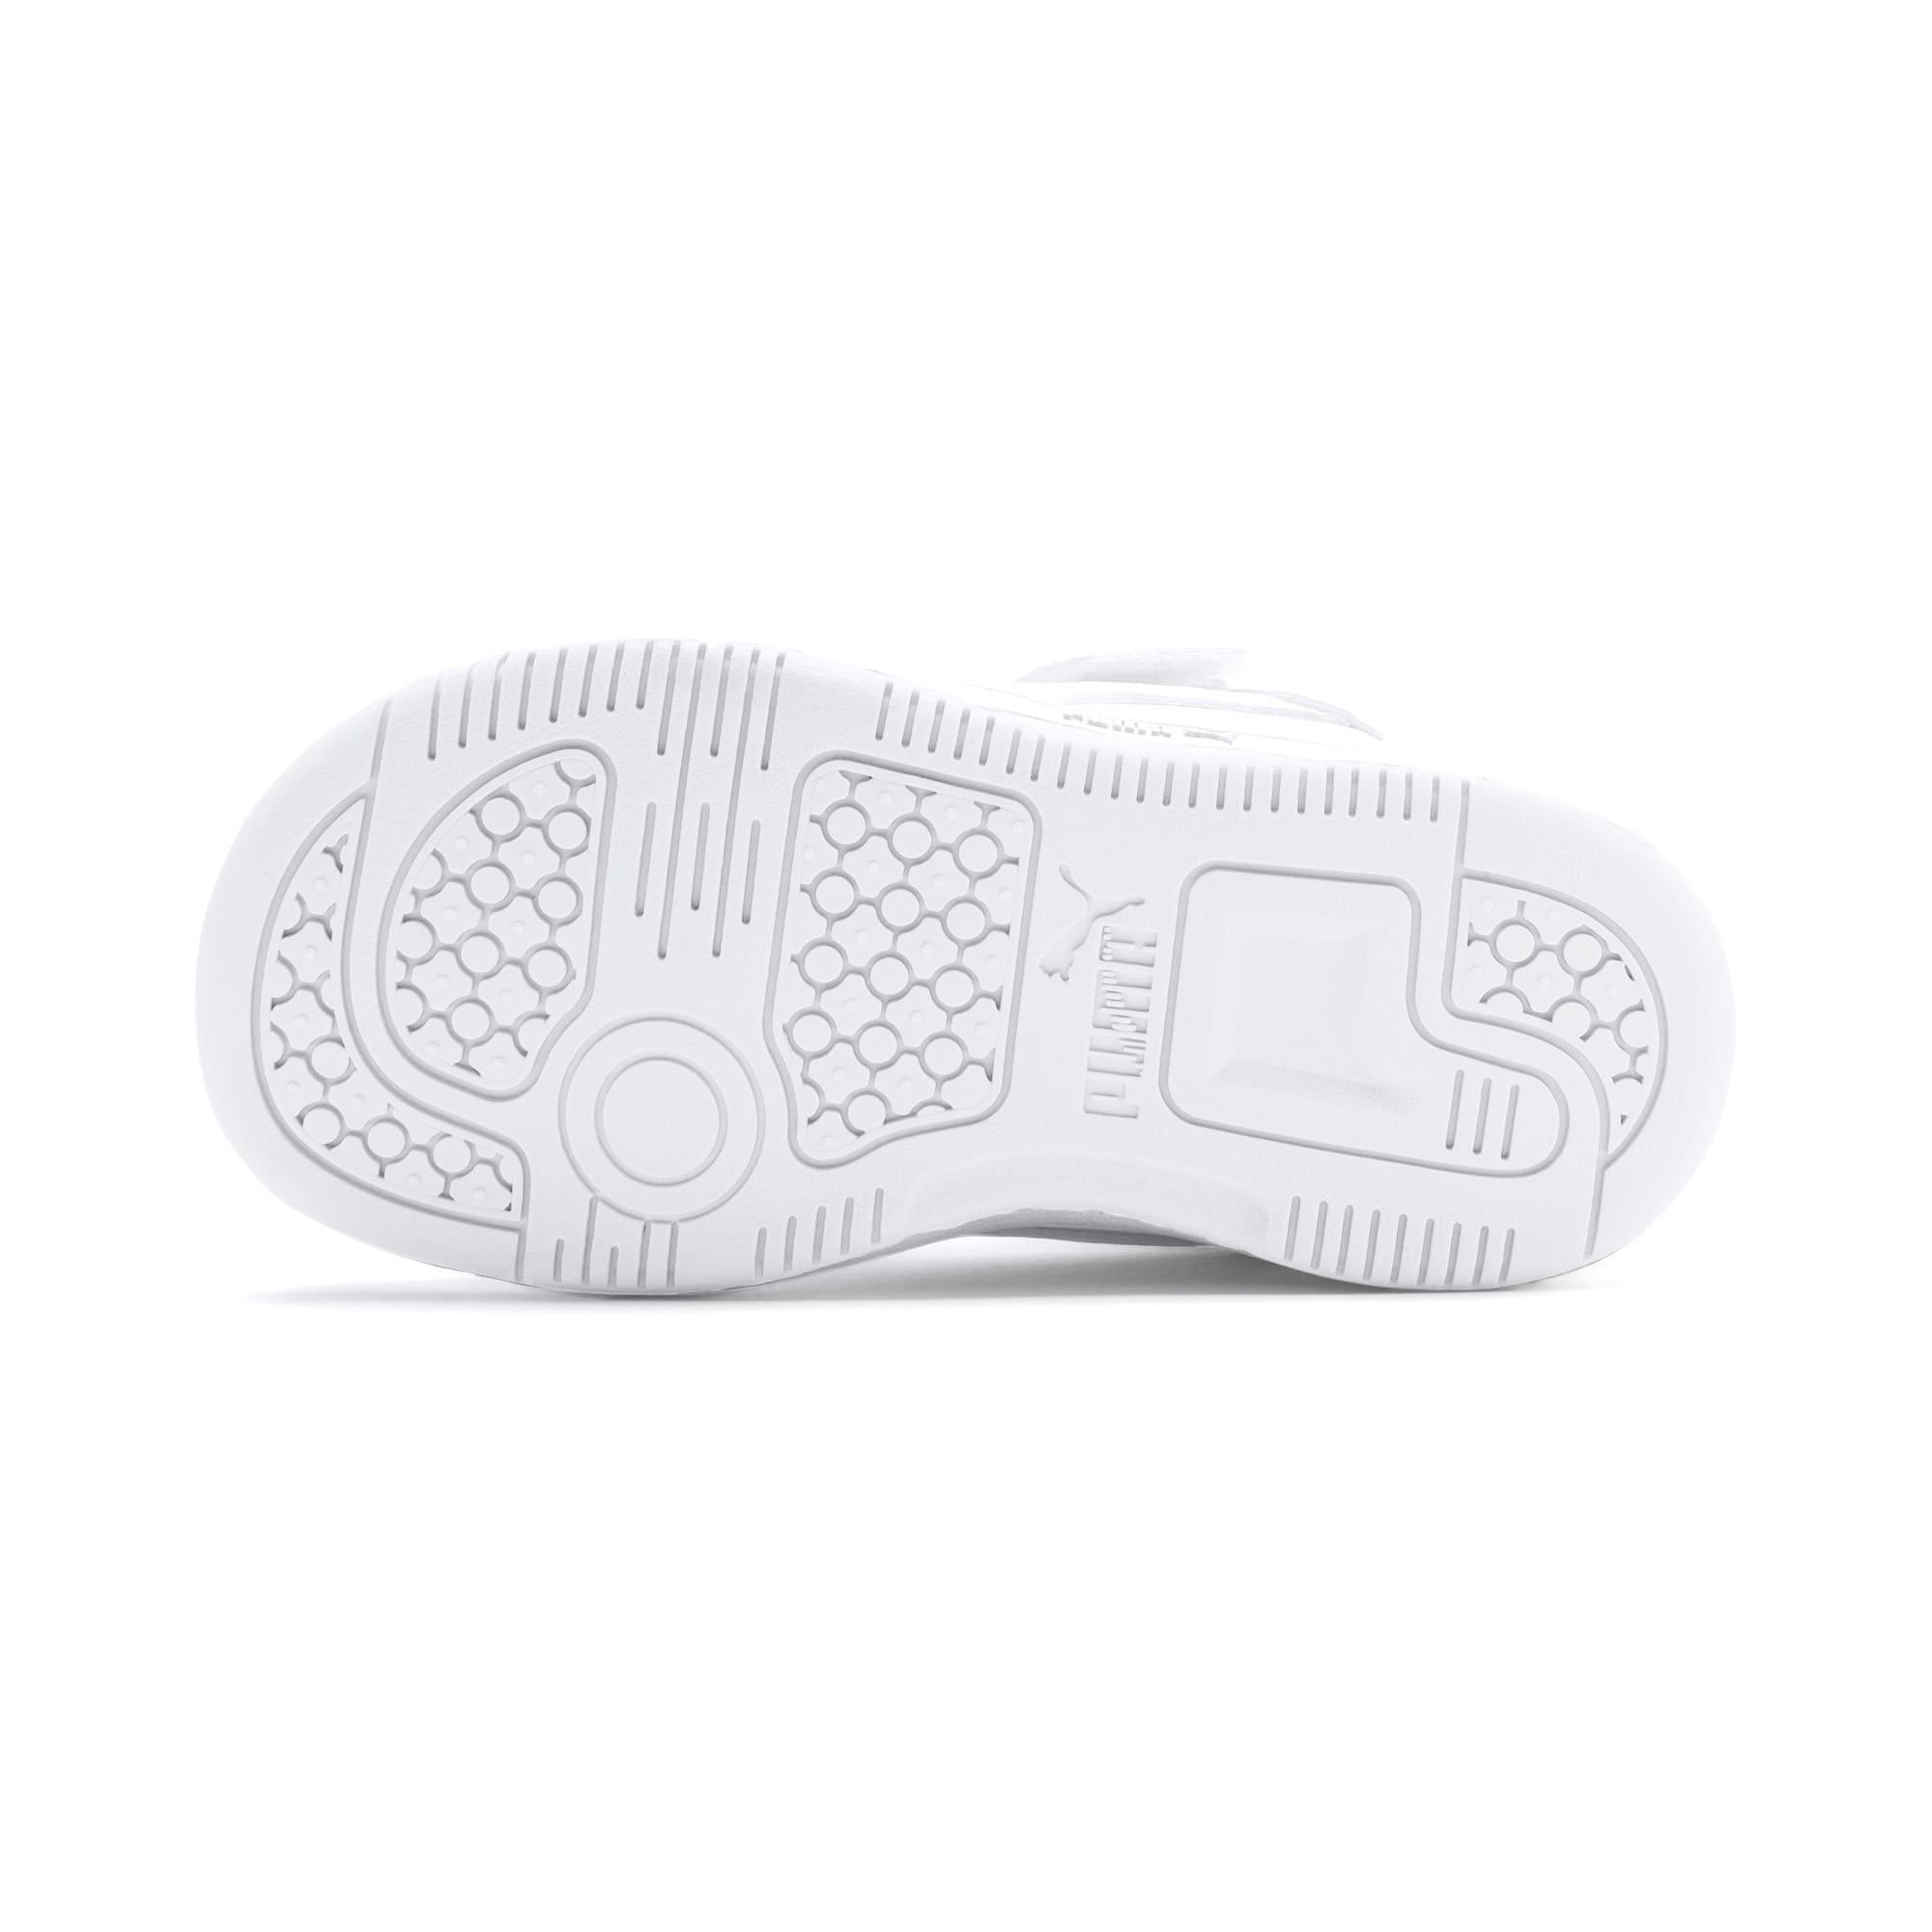 Miniatura 4 de Zapatos deportivos PUMA Rebound LayUp Lo para INF, Puma White-High Rise, mediano